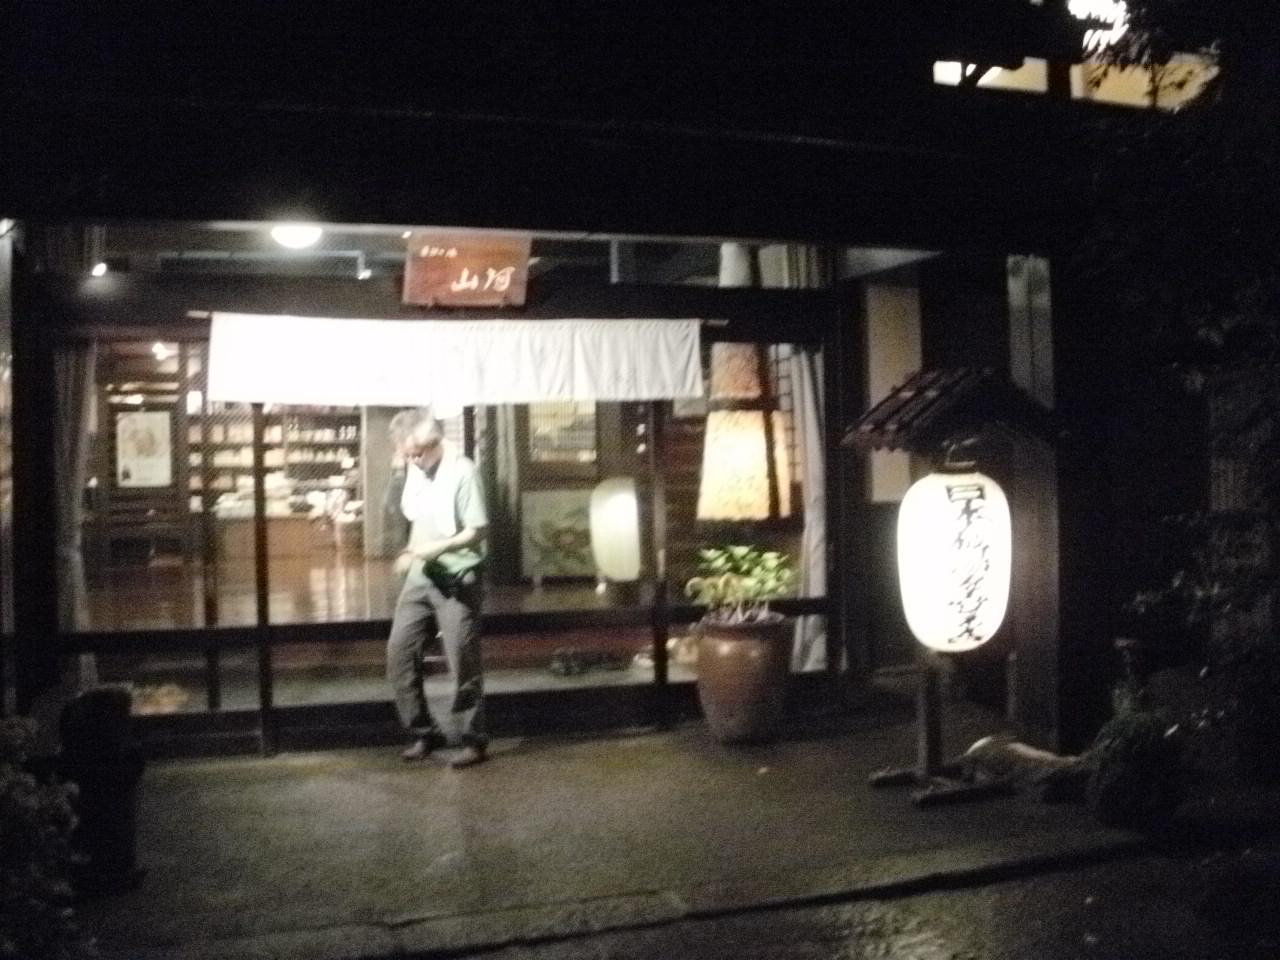 九州の旅路 その⑤ 最後は阿蘇!_f0095325_1146879.jpg